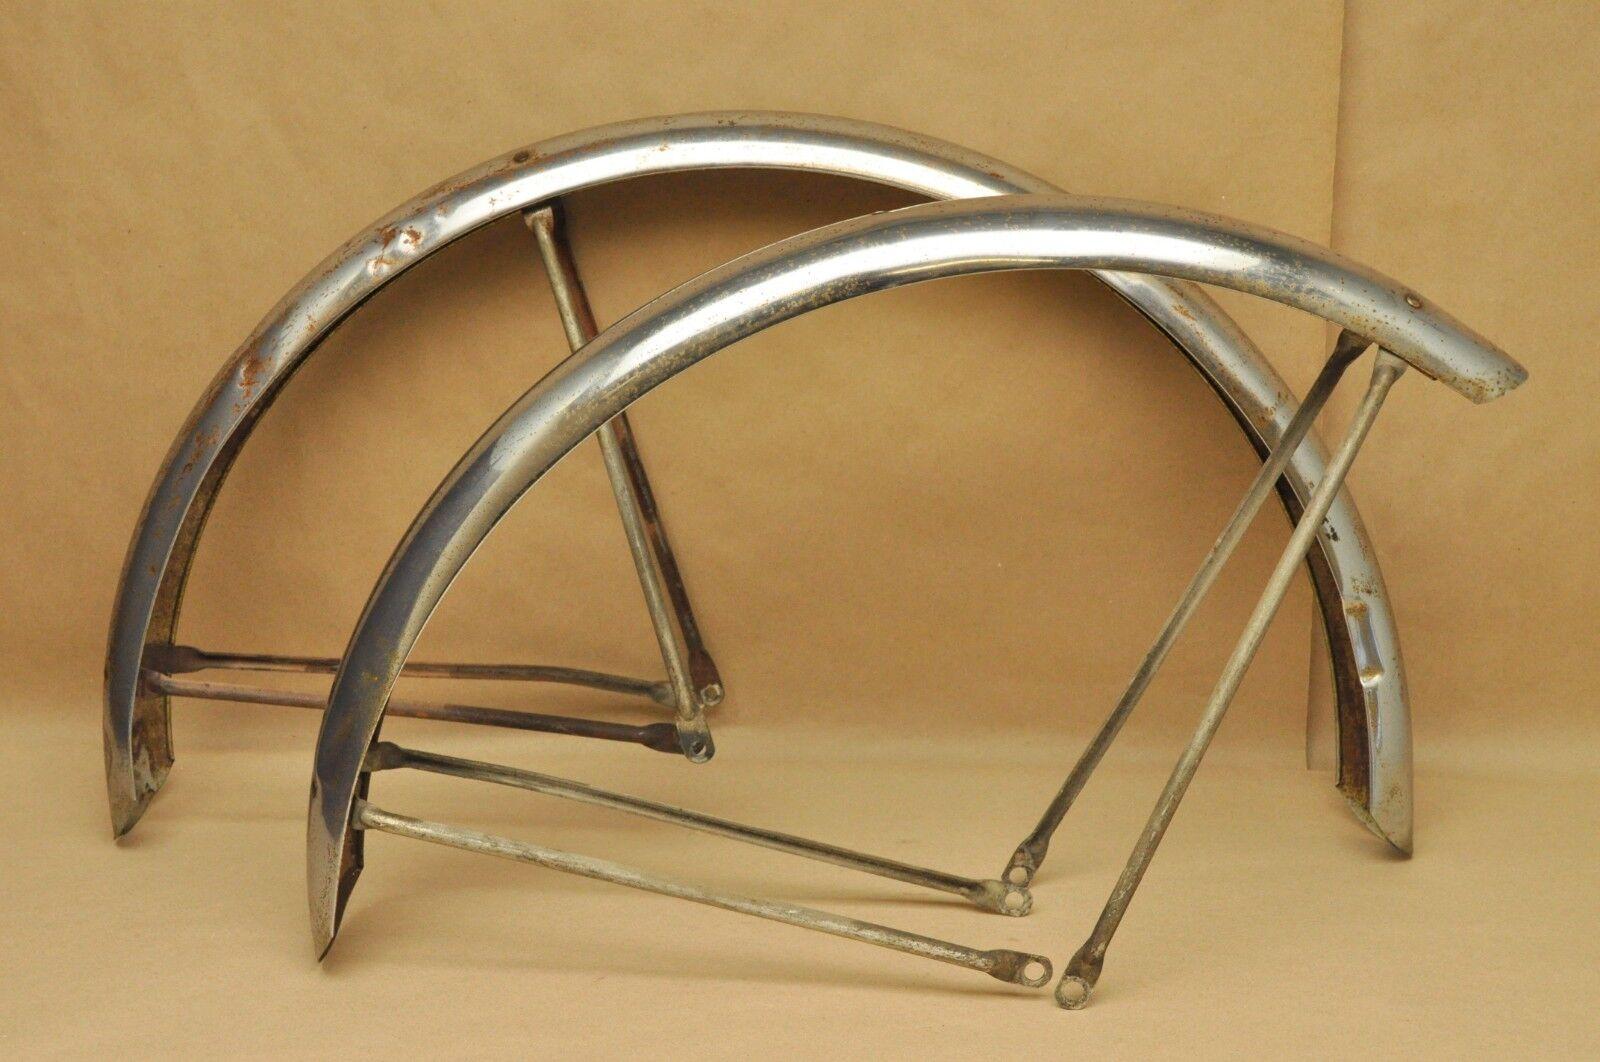 Vintage 1967 Schwinn Typhoon Bicycle Fenders Front & Rear